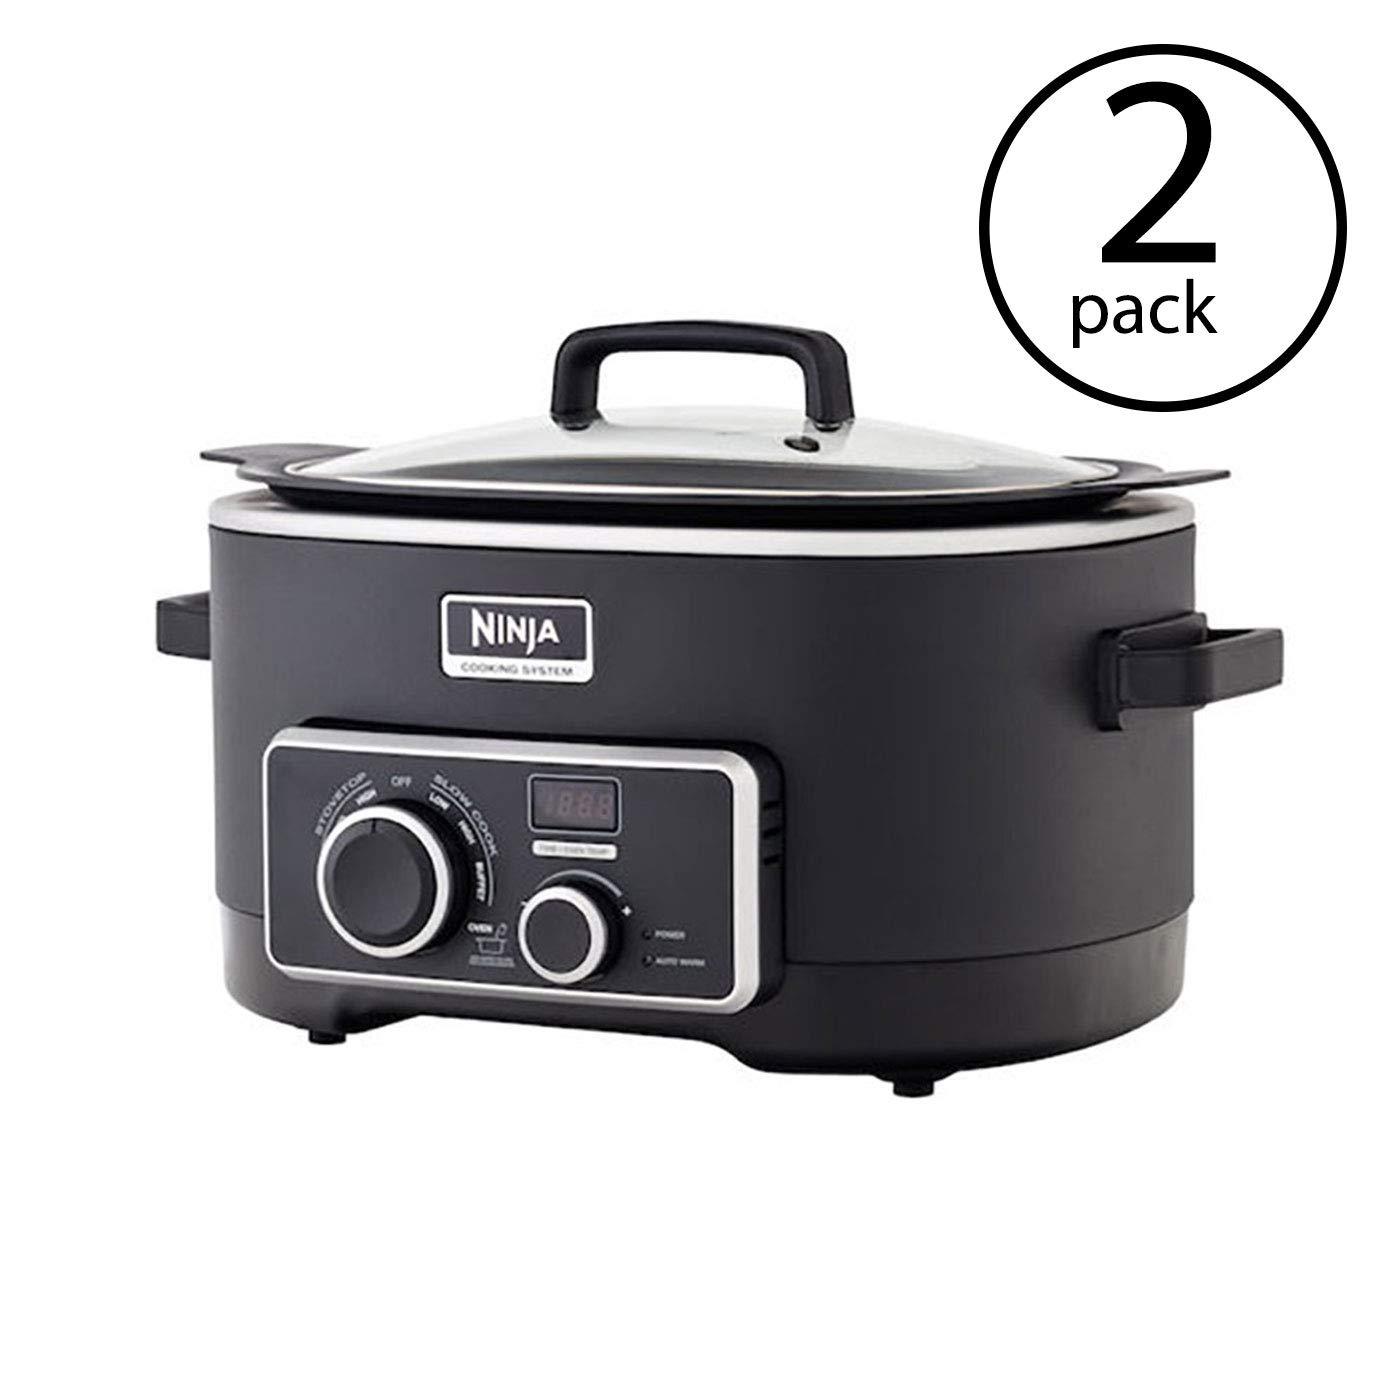 Amazon.com: Ninja 6 Quart 3-1 Black Multi-System Slow Cooker ...